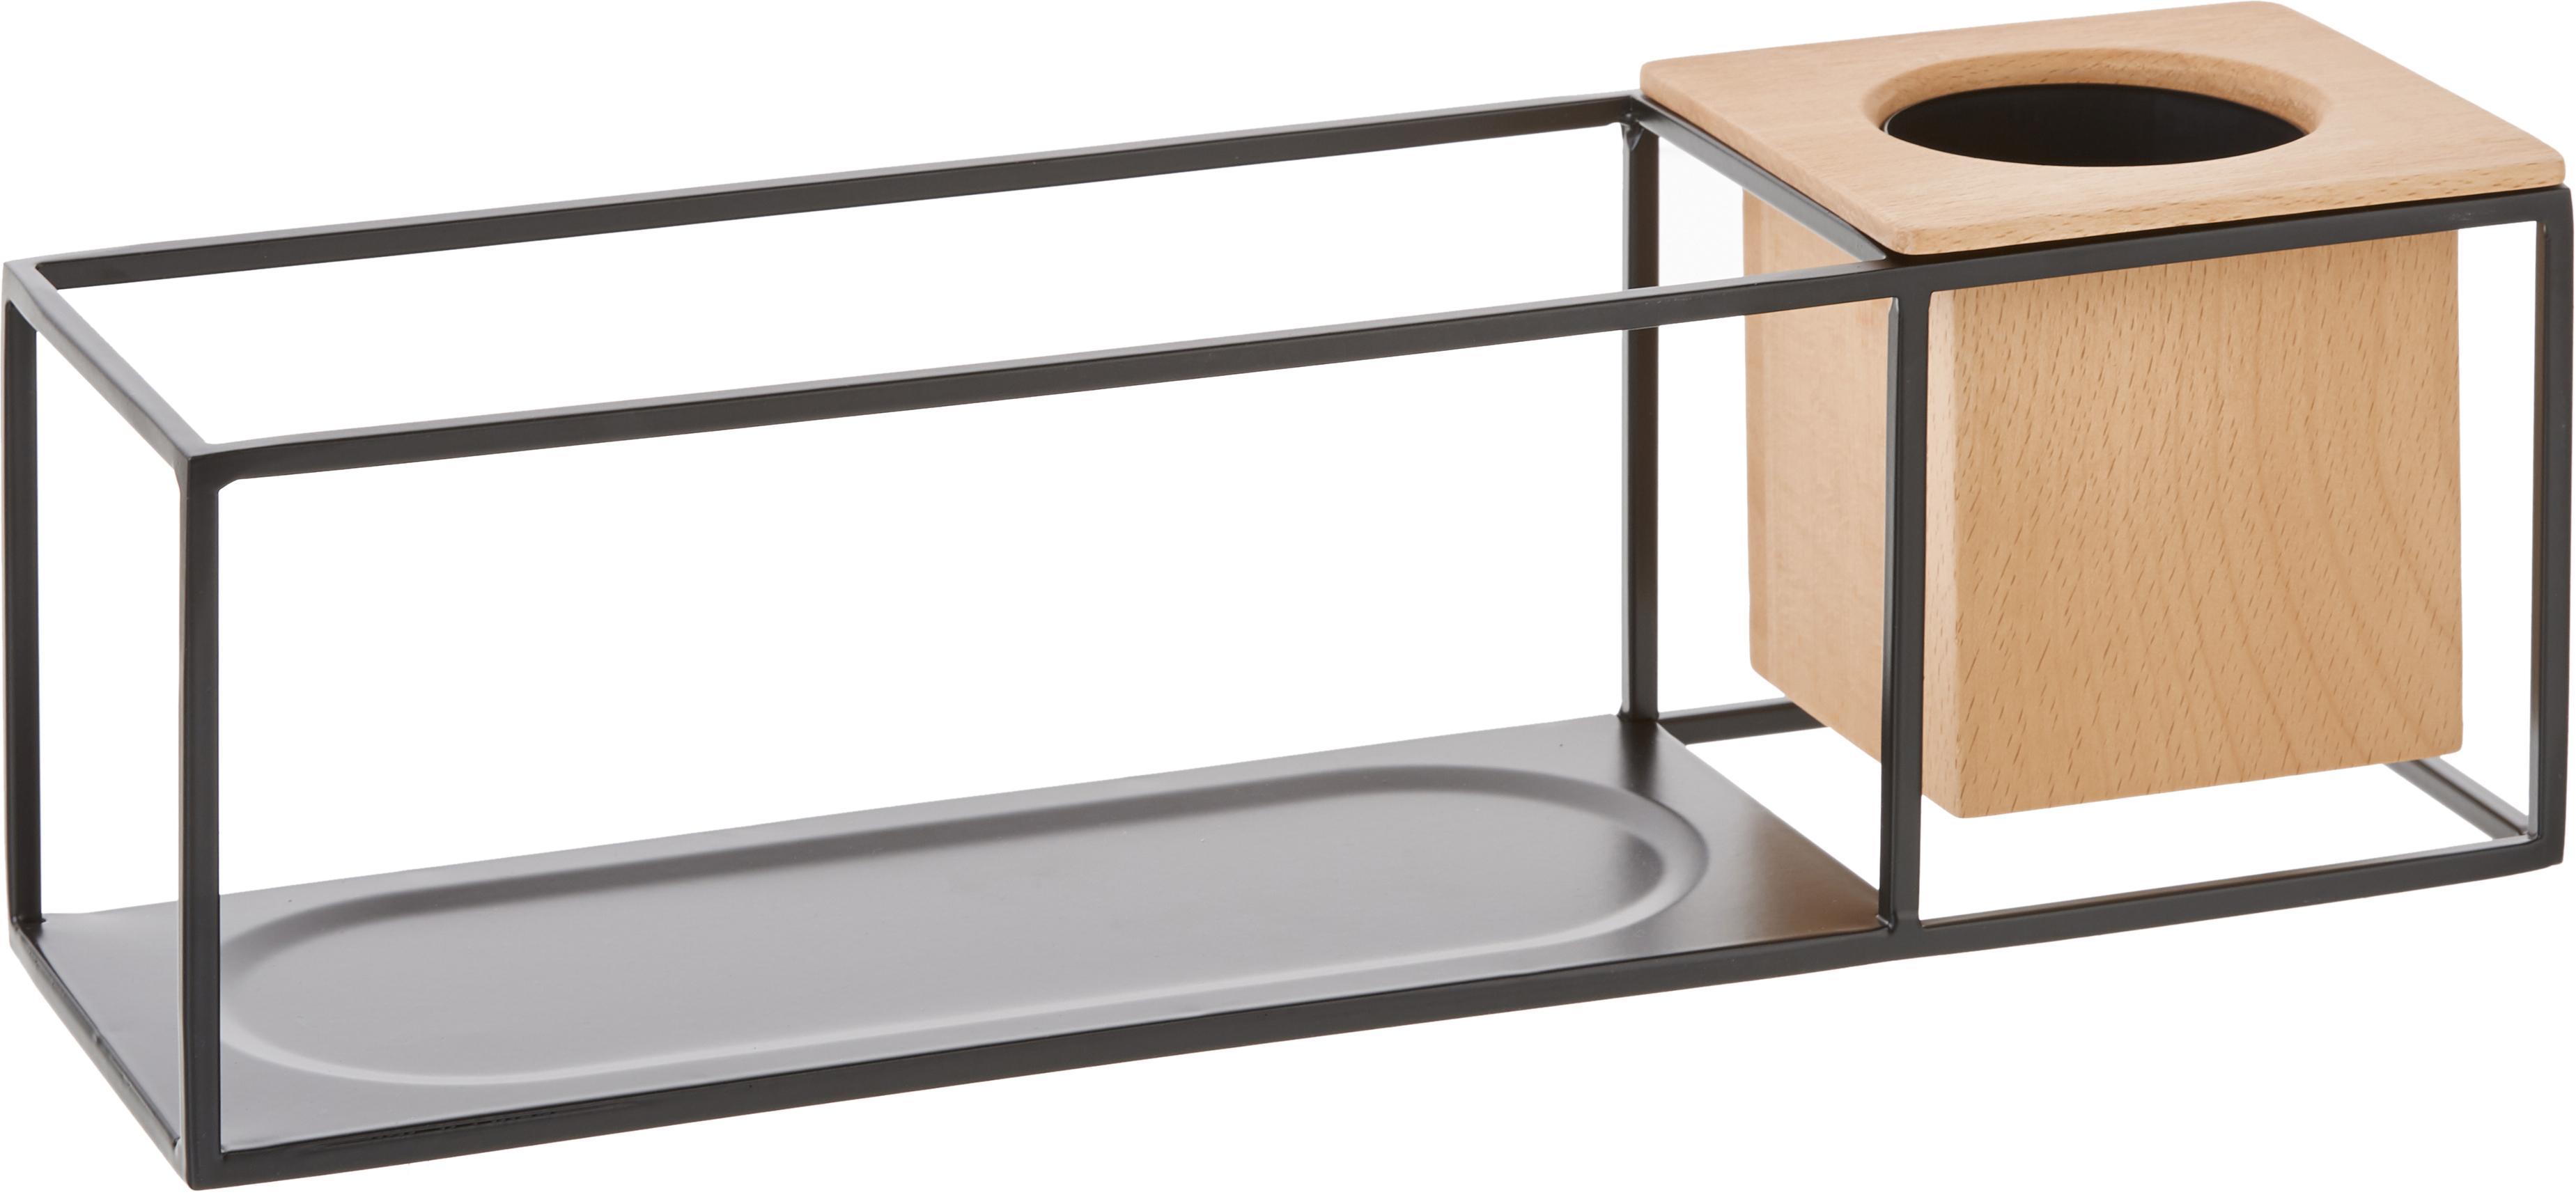 Mensola con contenitore Cubist, Scaffale: metallo, rivestito, Contenitore: legno di frassino con ins, Nero, marrone chiaro, Larg. 38 x Alt. 12 cm